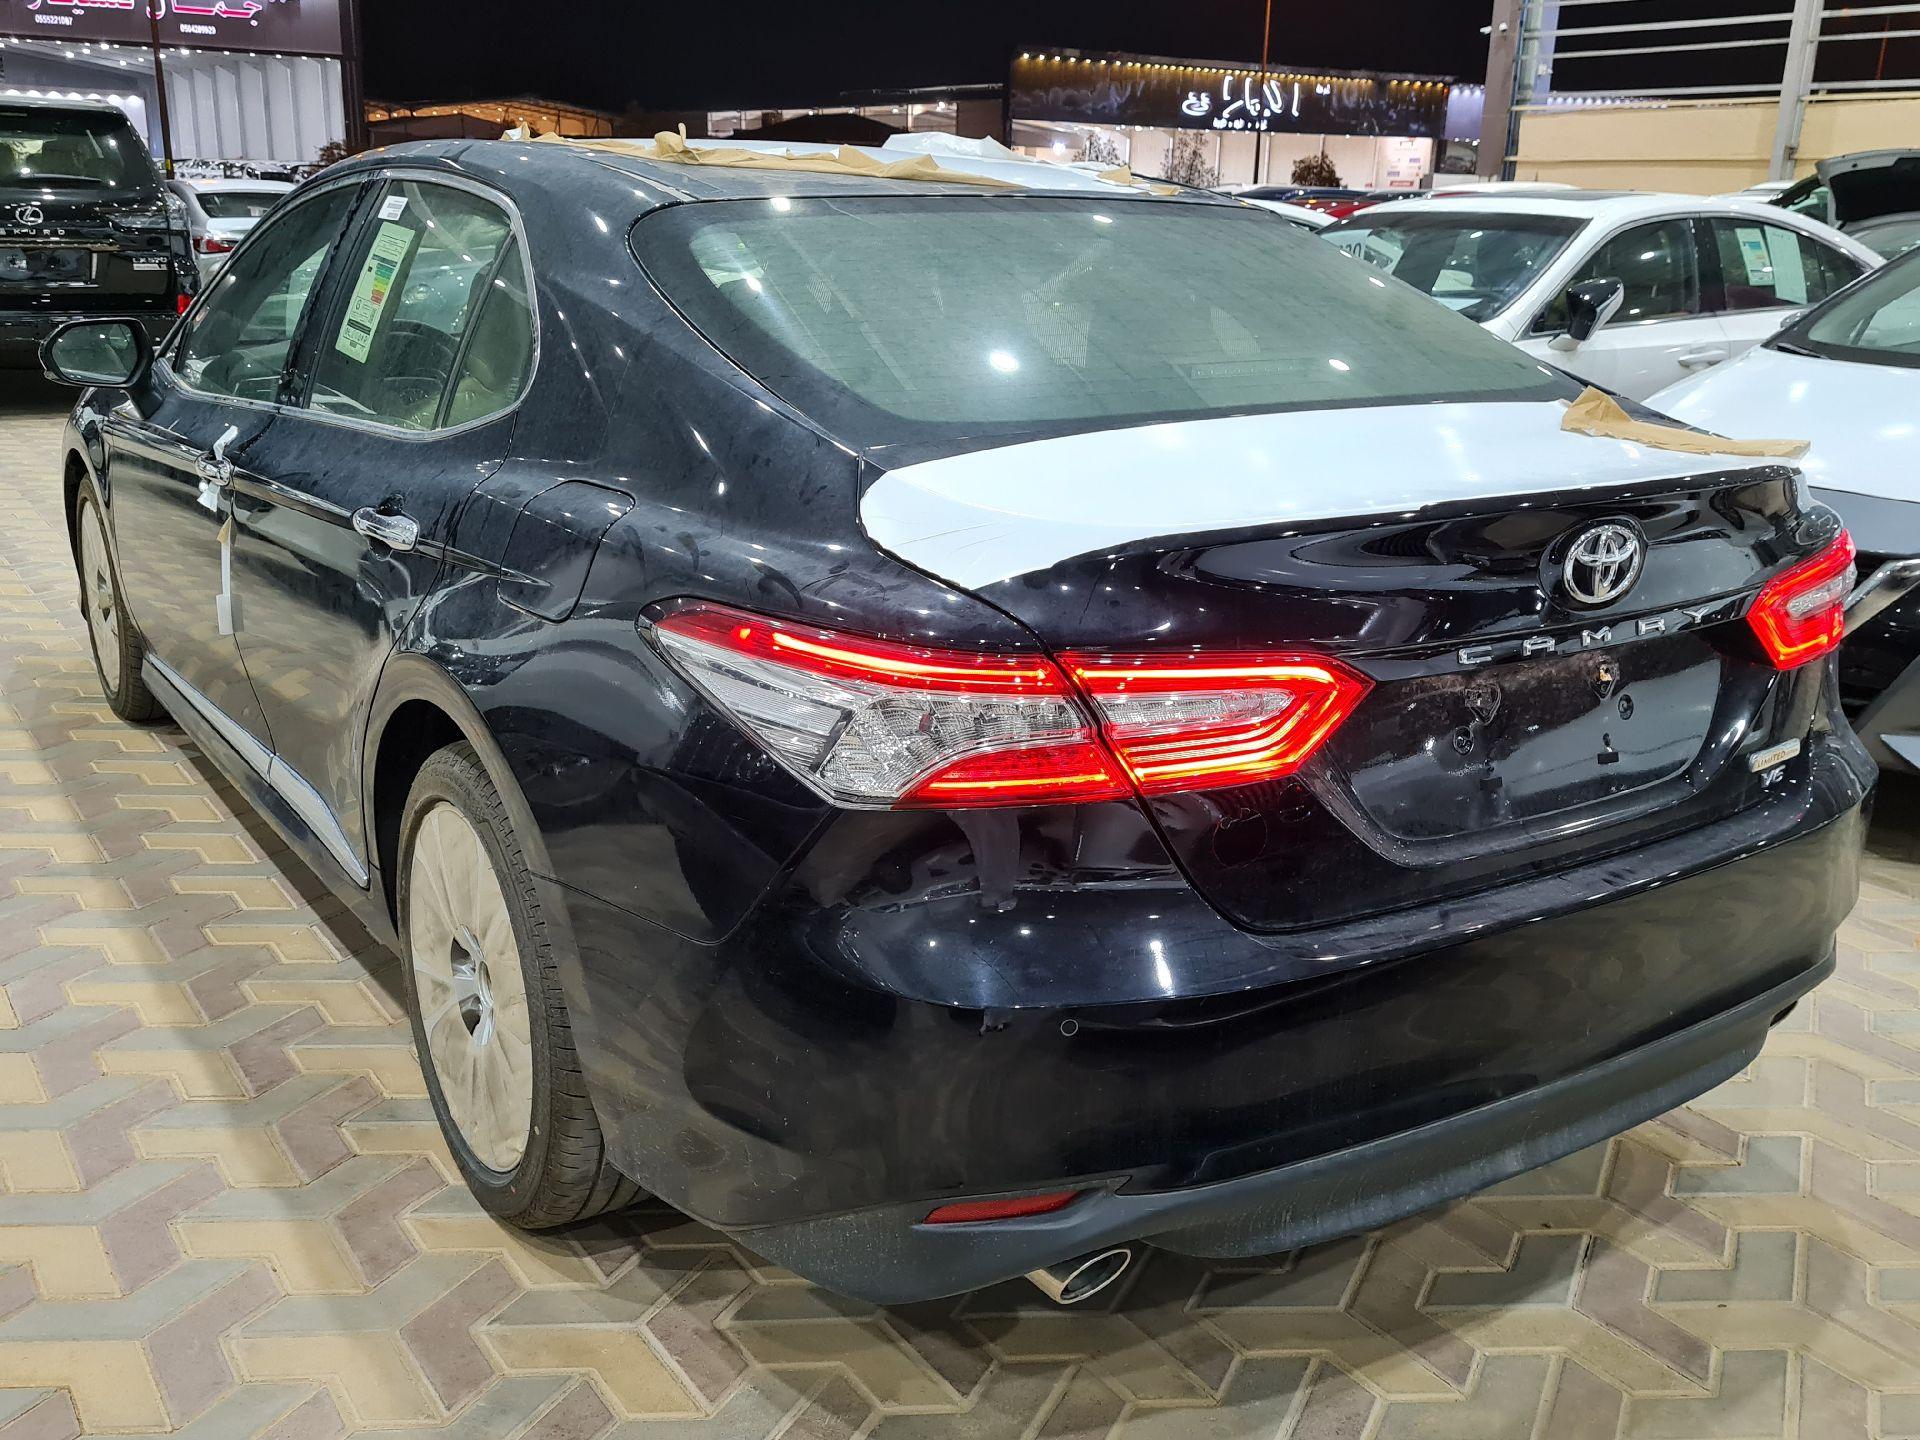 مباع - تويوتا كامري Limited فل 2020 خليجي جديد للبيع في الرياض - السعودية - صورة كبيرة - 2